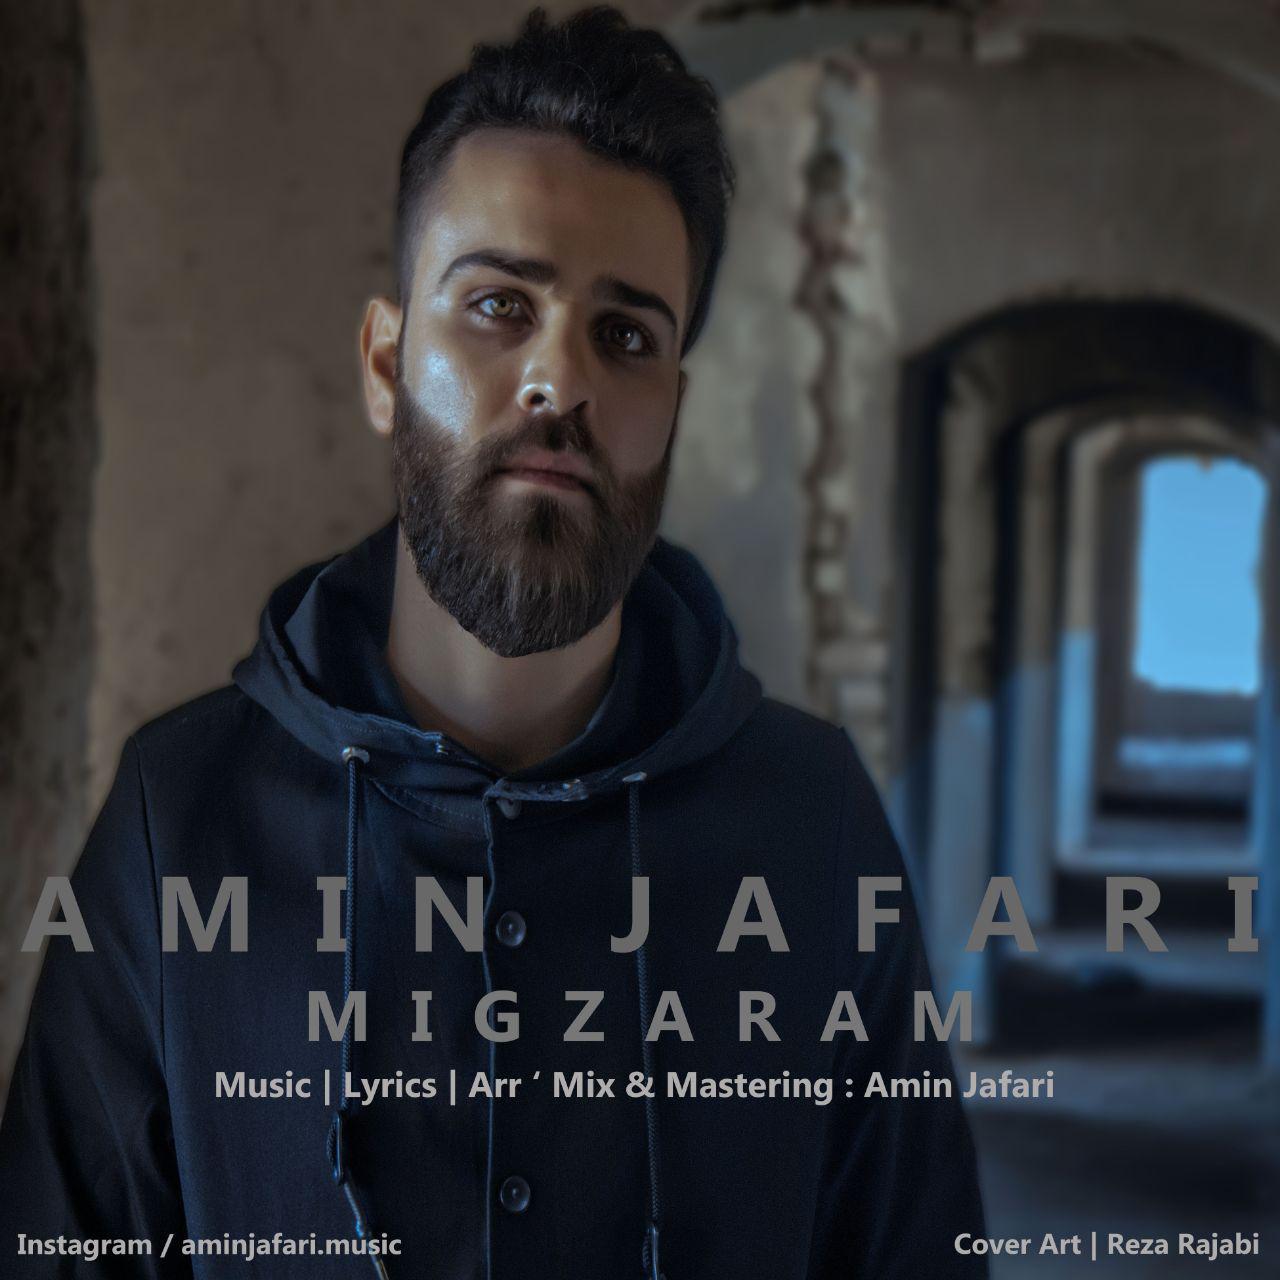 Amin Jafari – Migzaram